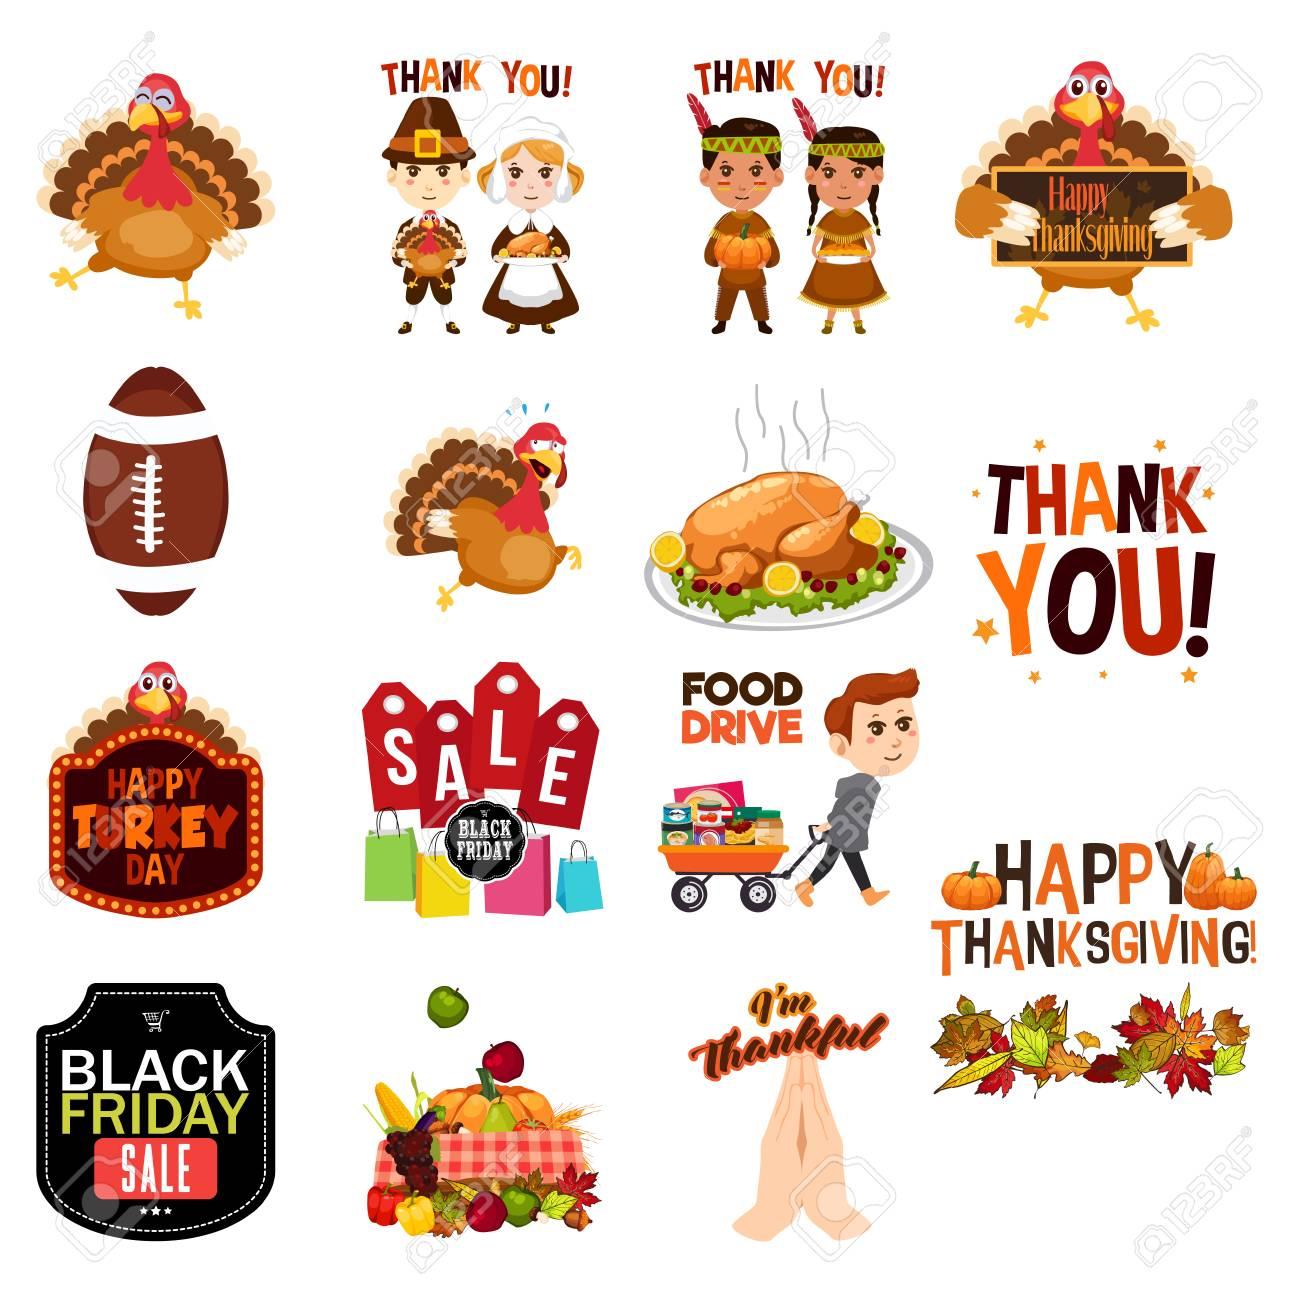 感謝祭クリップ アート イラストのイラスト素材ベクタ Image 88888652